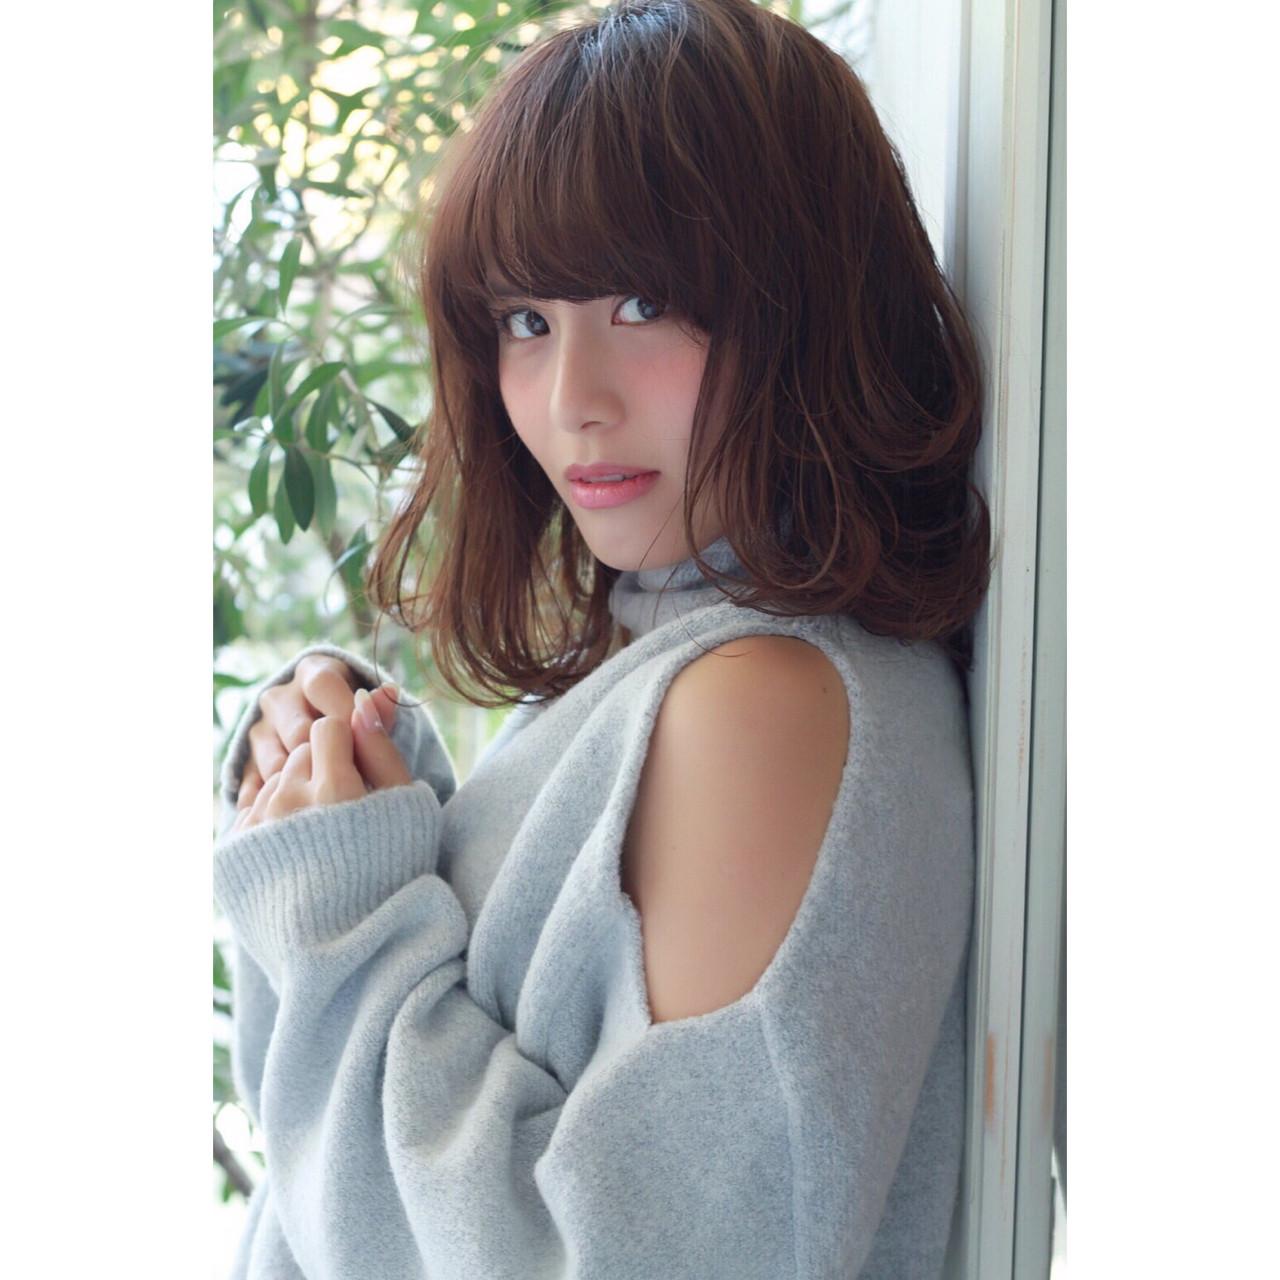 フェミニン ナチュラル 抜け感 透明感 ヘアスタイルや髪型の写真・画像 | サン /